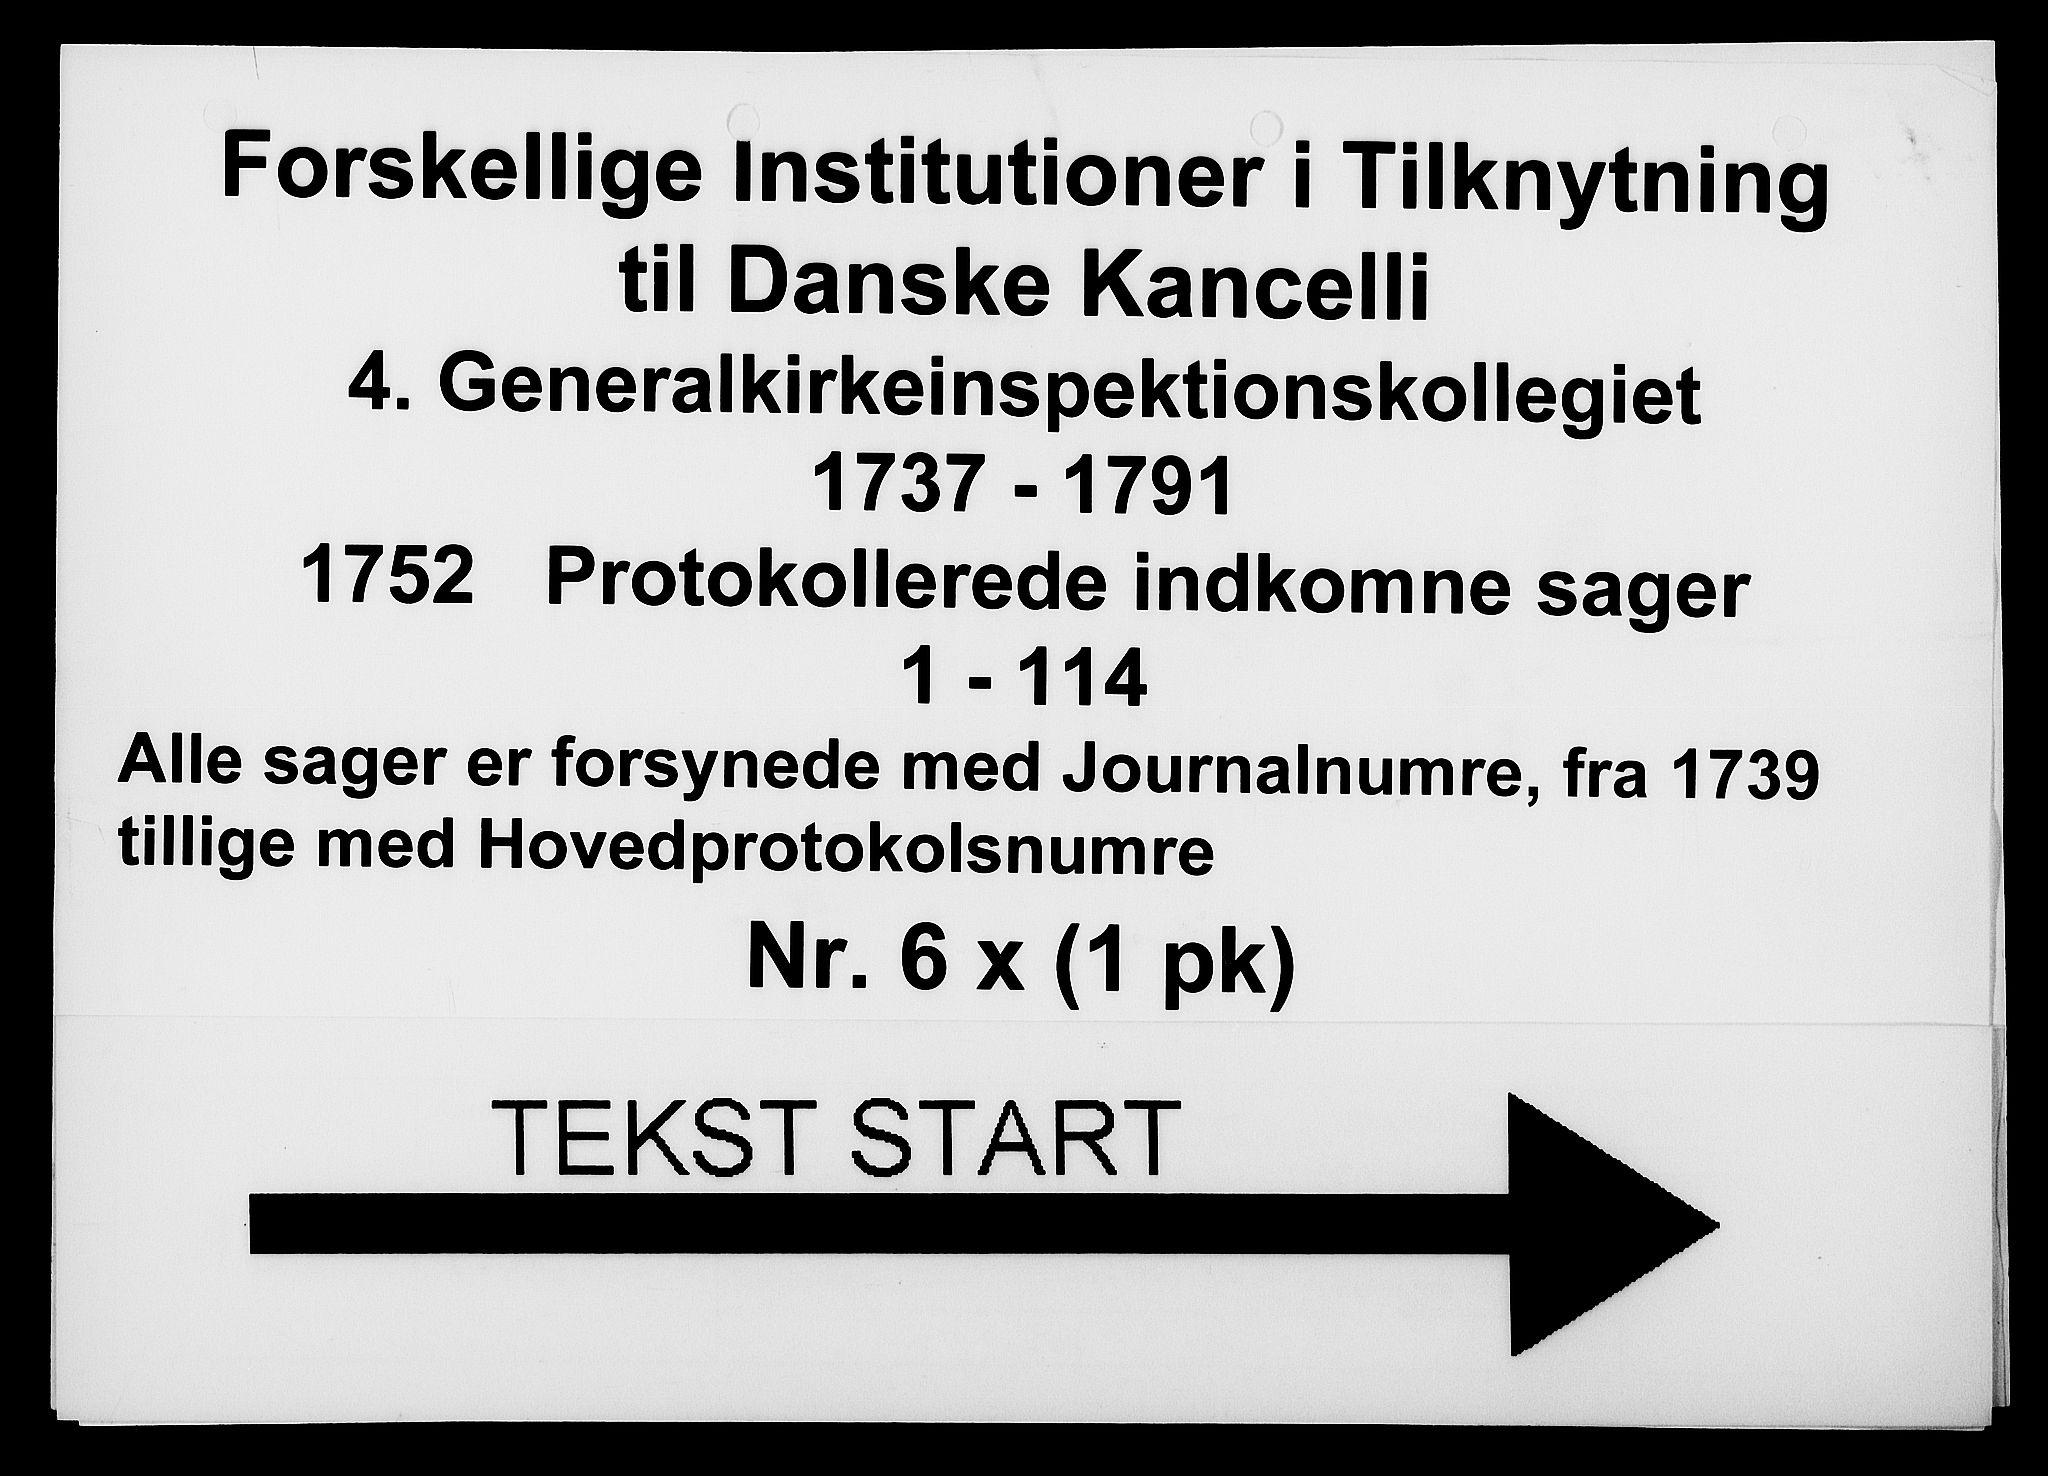 DRA, Generalkirkeinspektionskollegiet, F4-06/F4-06-23: Protokollerede indkomne sager, 1752